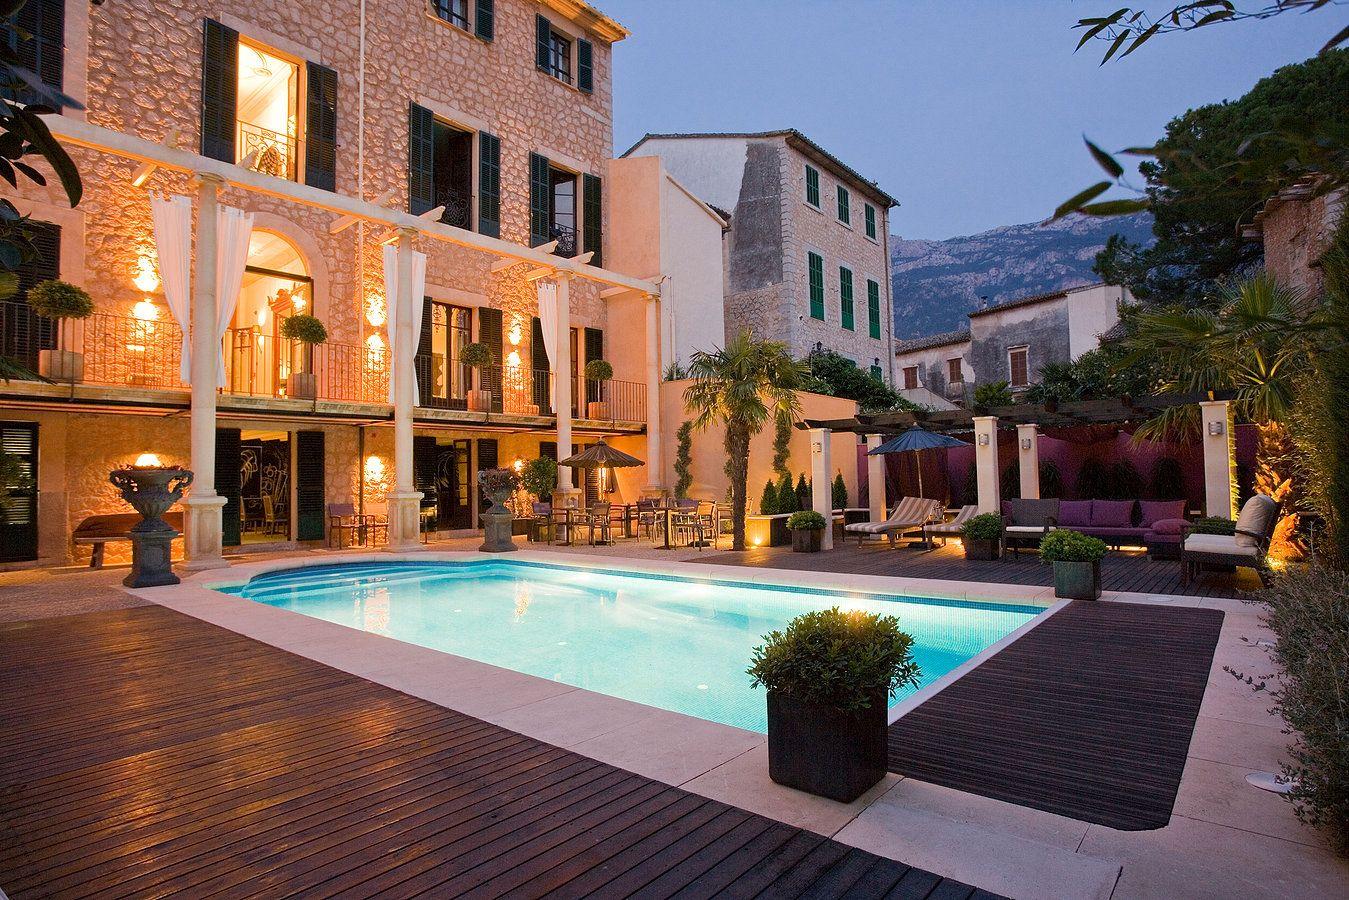 Lavenida hotel soller mallorca luxury boutique hotel